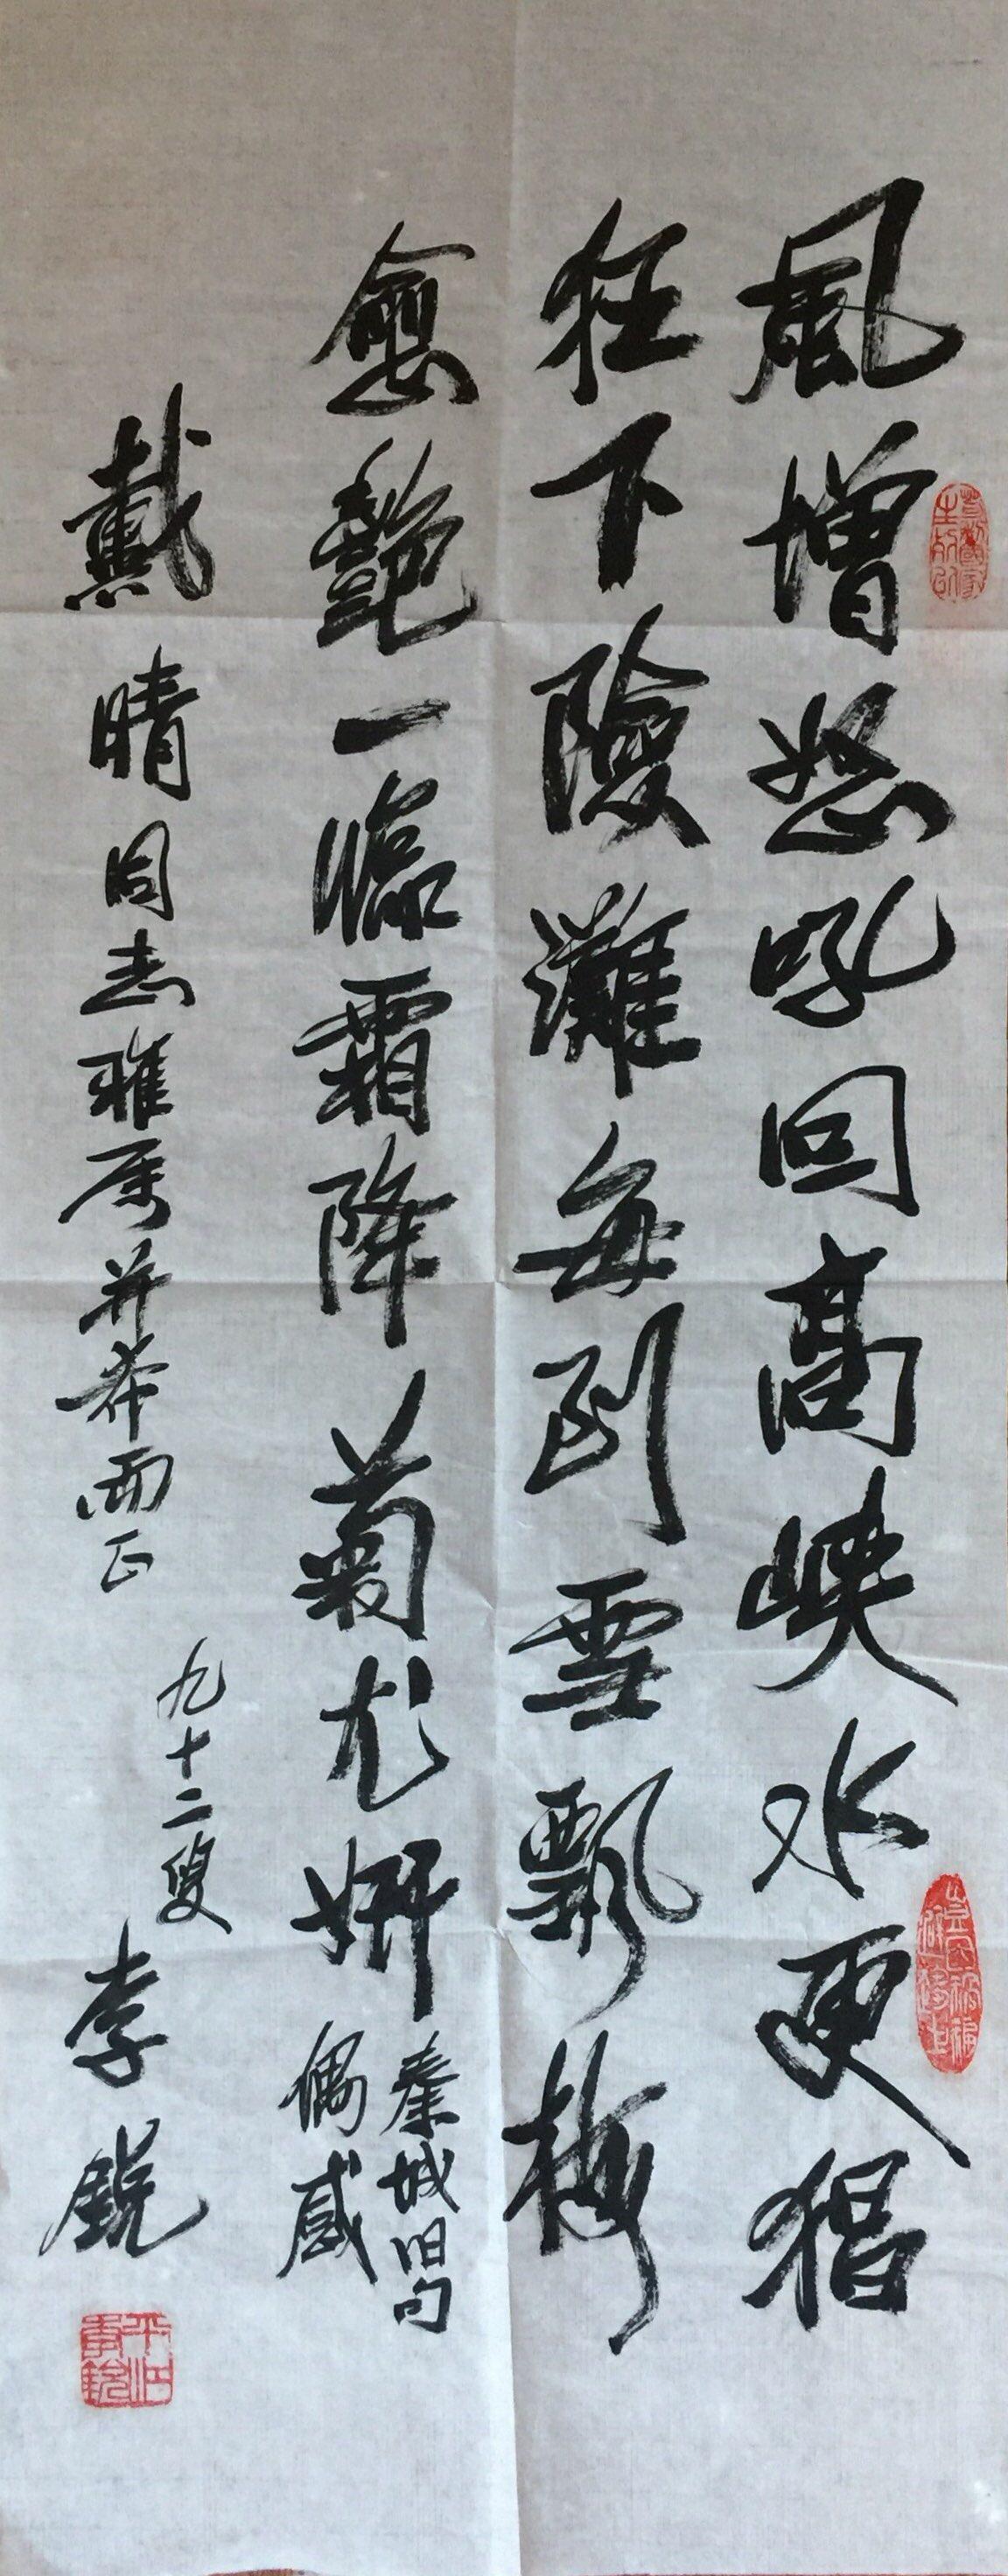 李銳92歲時寫給戴晴一首關於三峽的詩